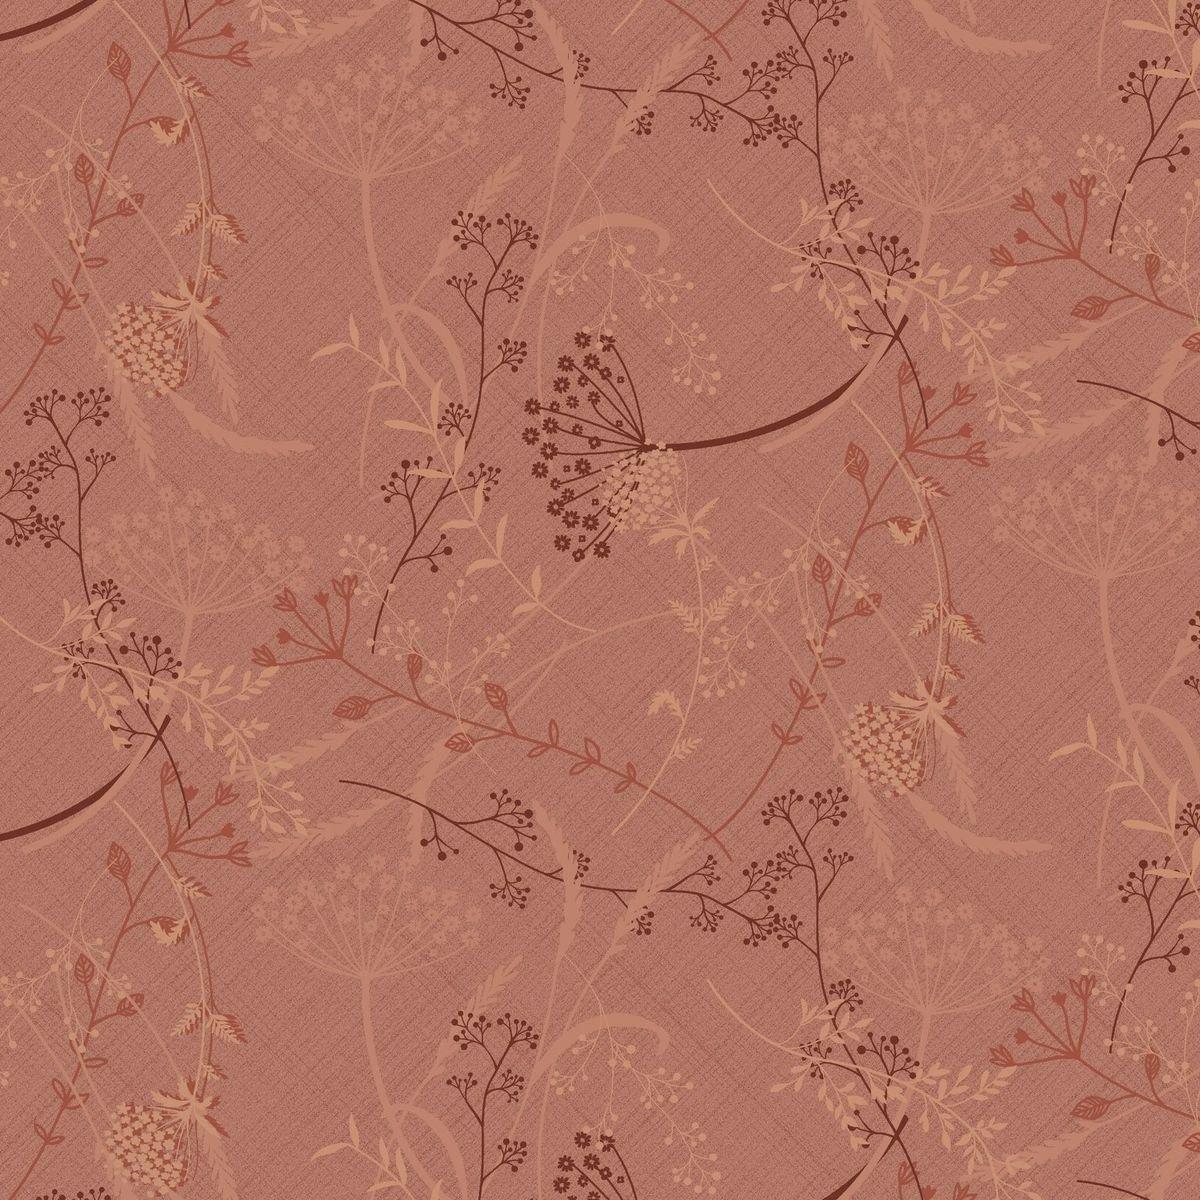 HG-Blessings of Home 2682-22 Pumpkin Rose - Dandelion